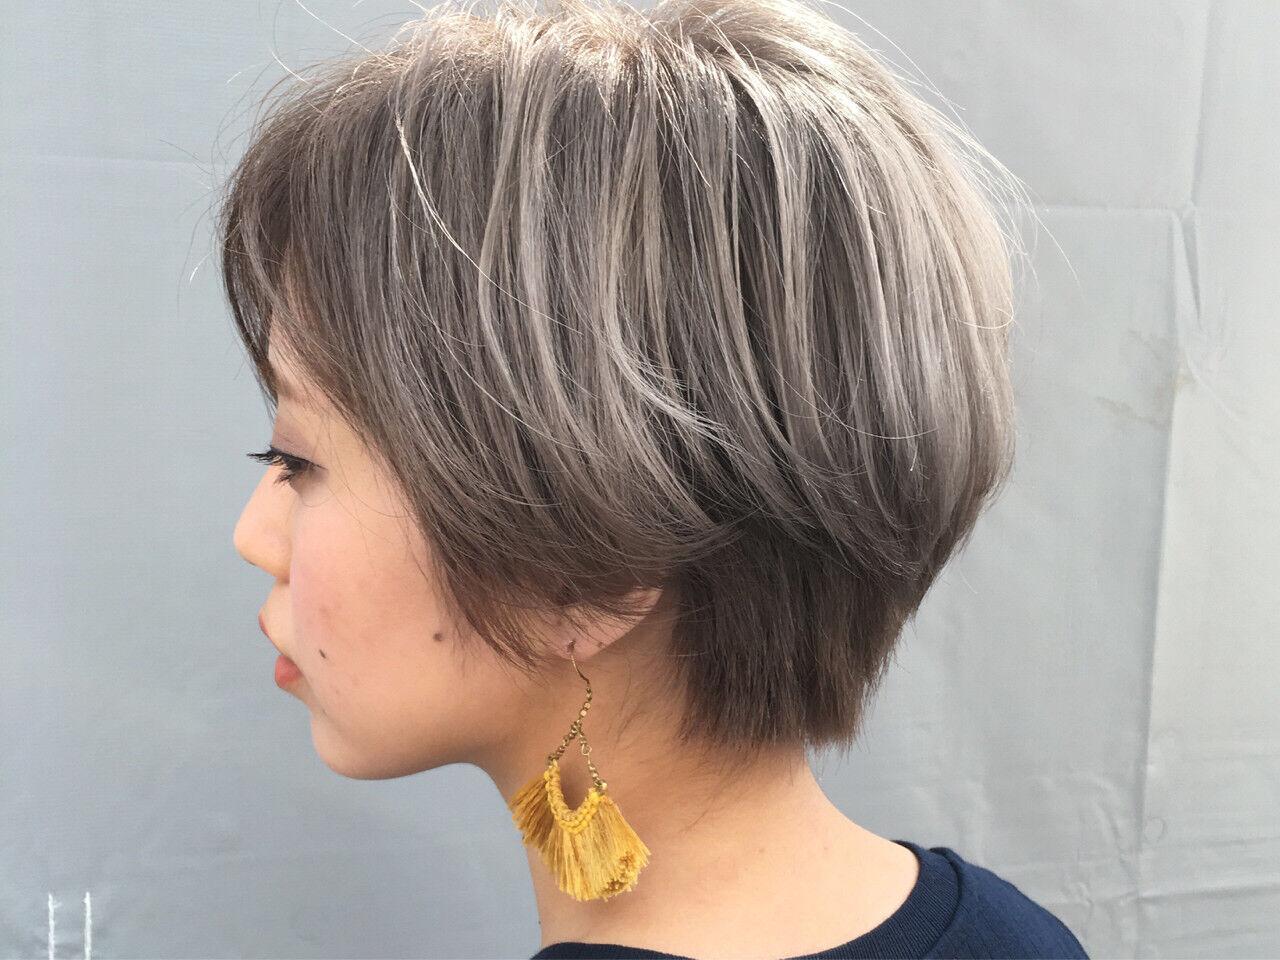 モード ホワイトアッシュ ハイトーン グレージュヘアスタイルや髪型の写真・画像